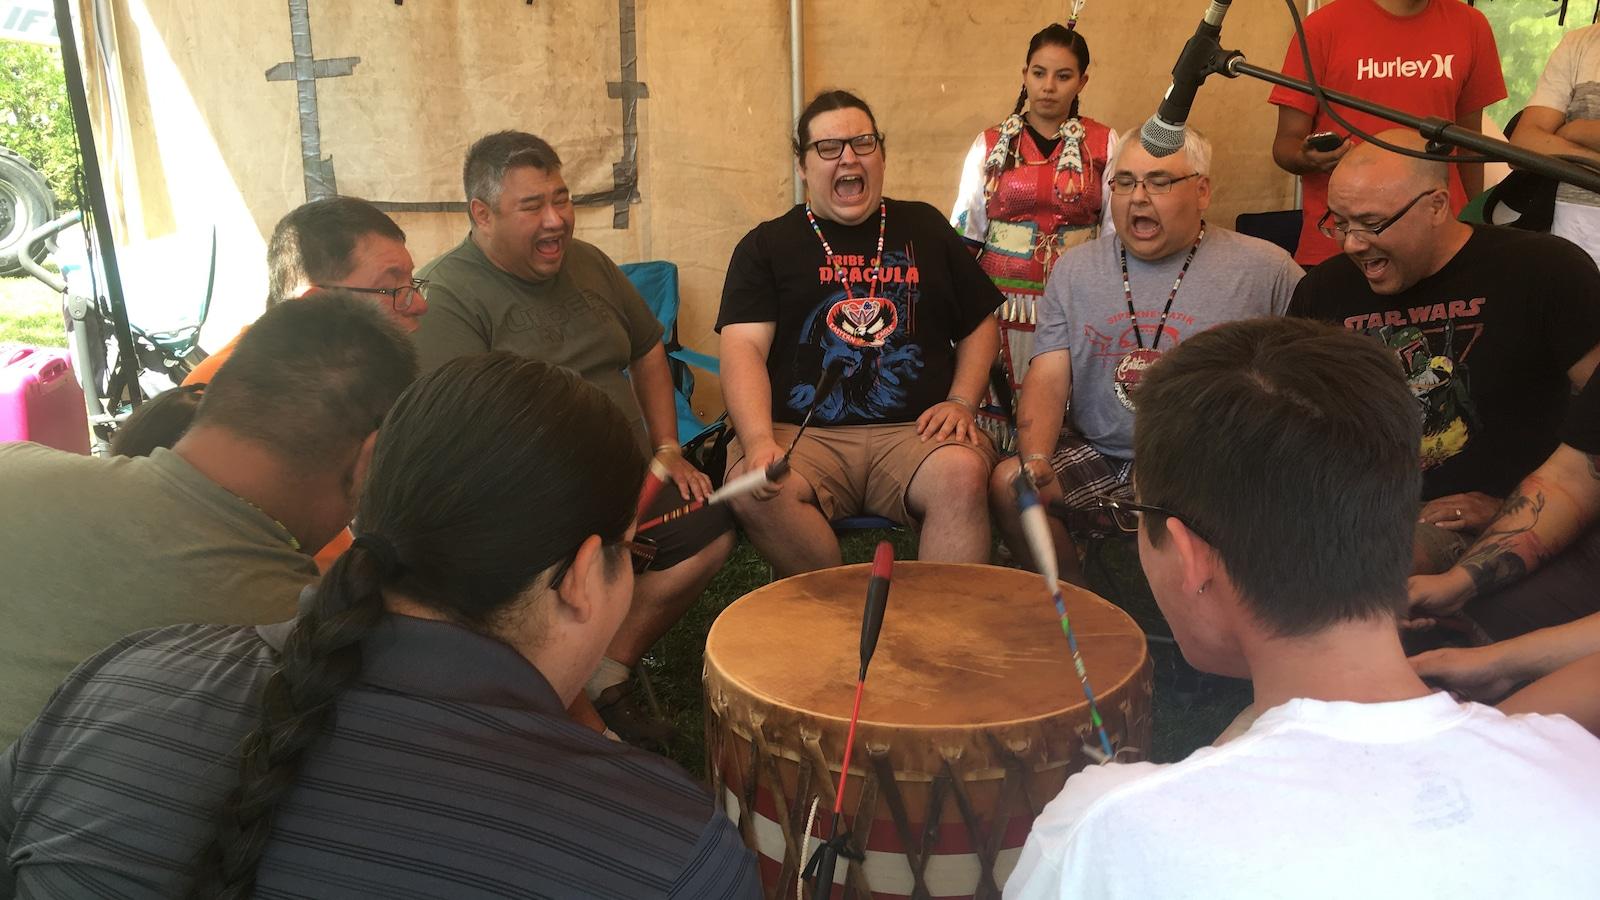 Des hommes chantent autour d'un tambour.